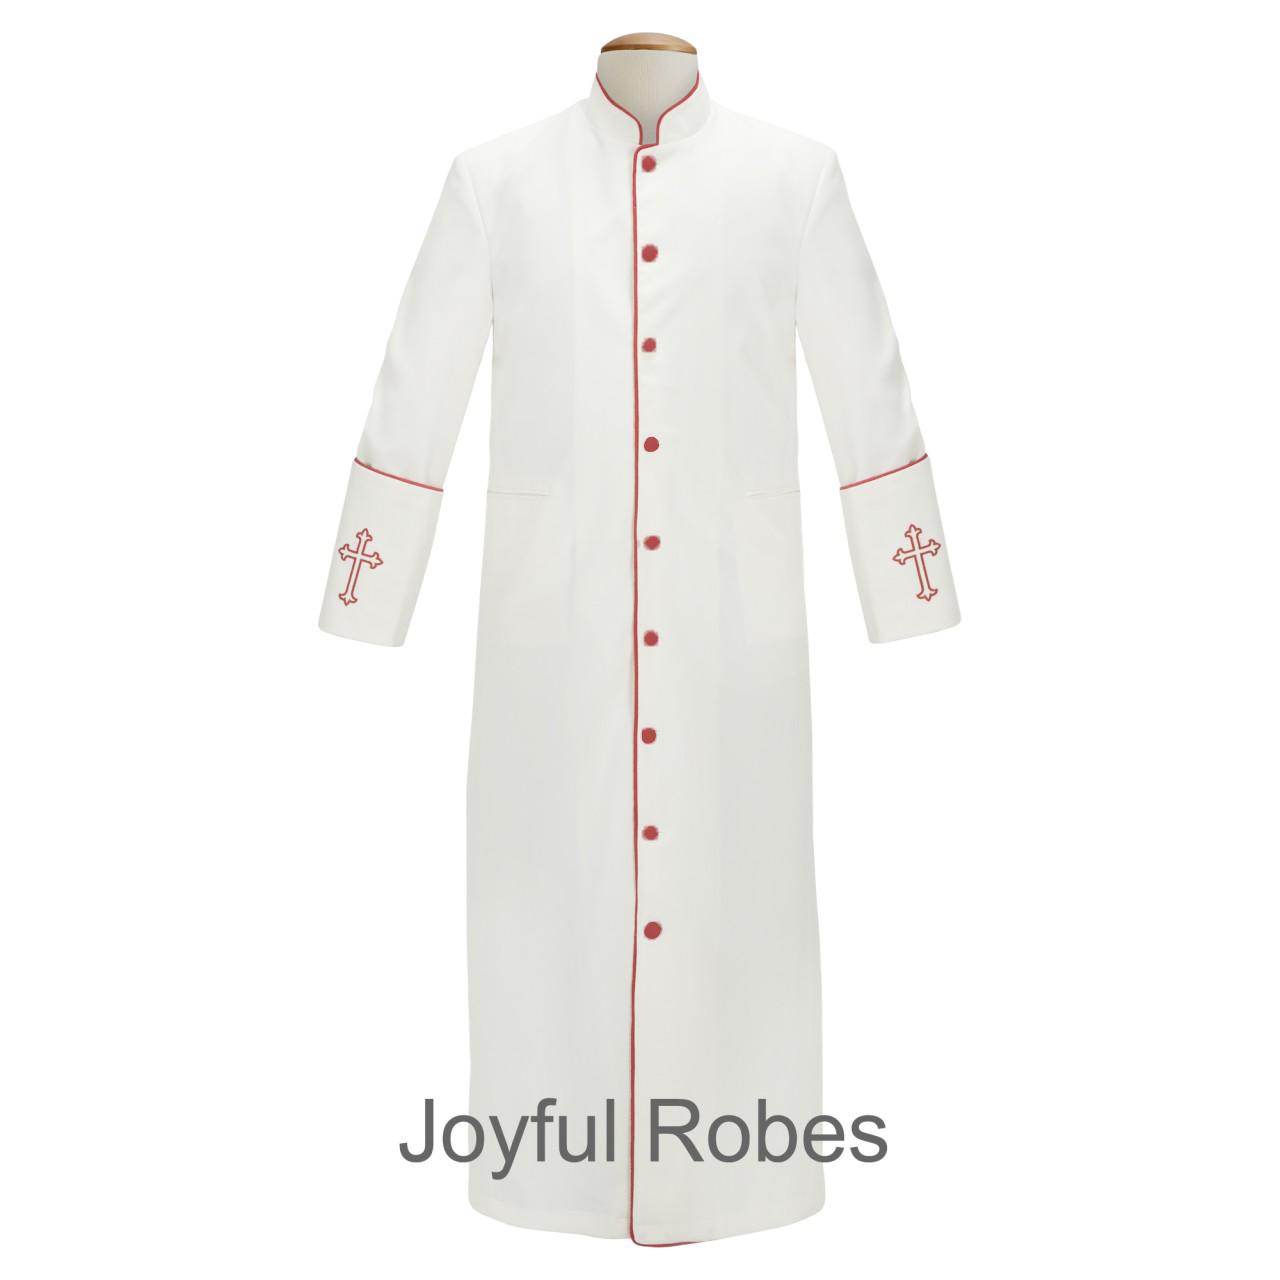 201 M. Men's Clergy/Pastor Robe - White/Red Design